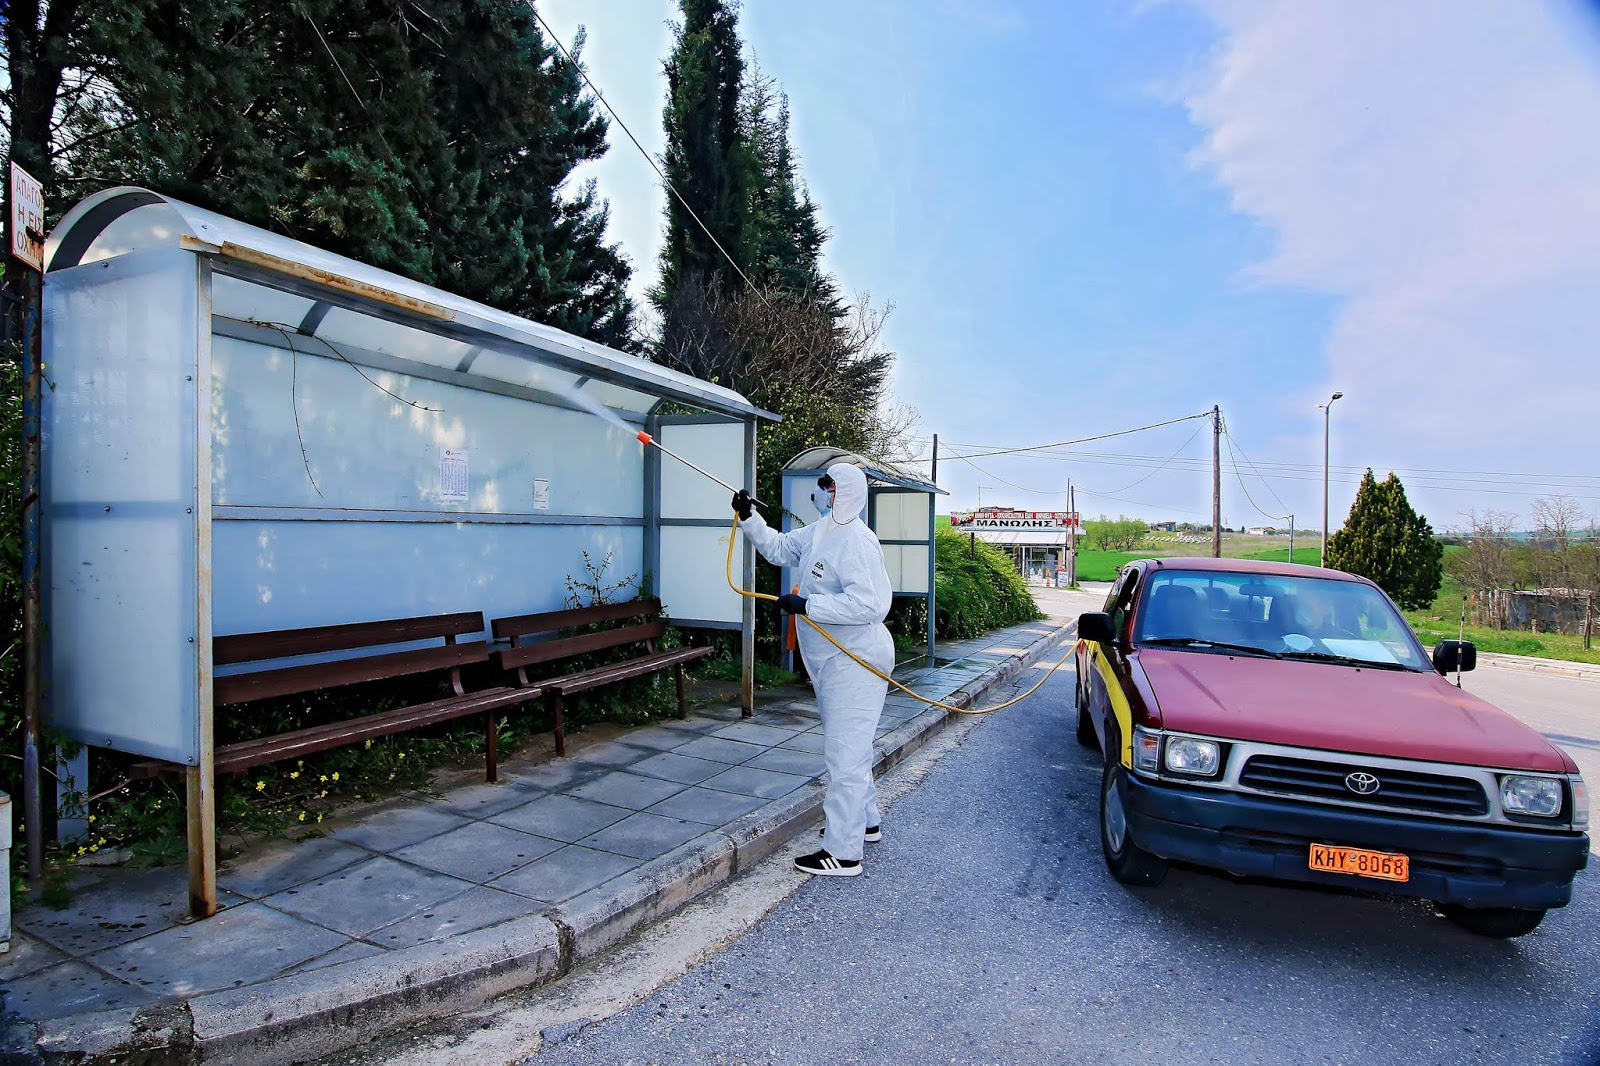 Δήμος Λαρισαίων: Απολυμάνσεις σε πλατείες, στάσεις Αστικού , ΑΤΜ τραπεζών